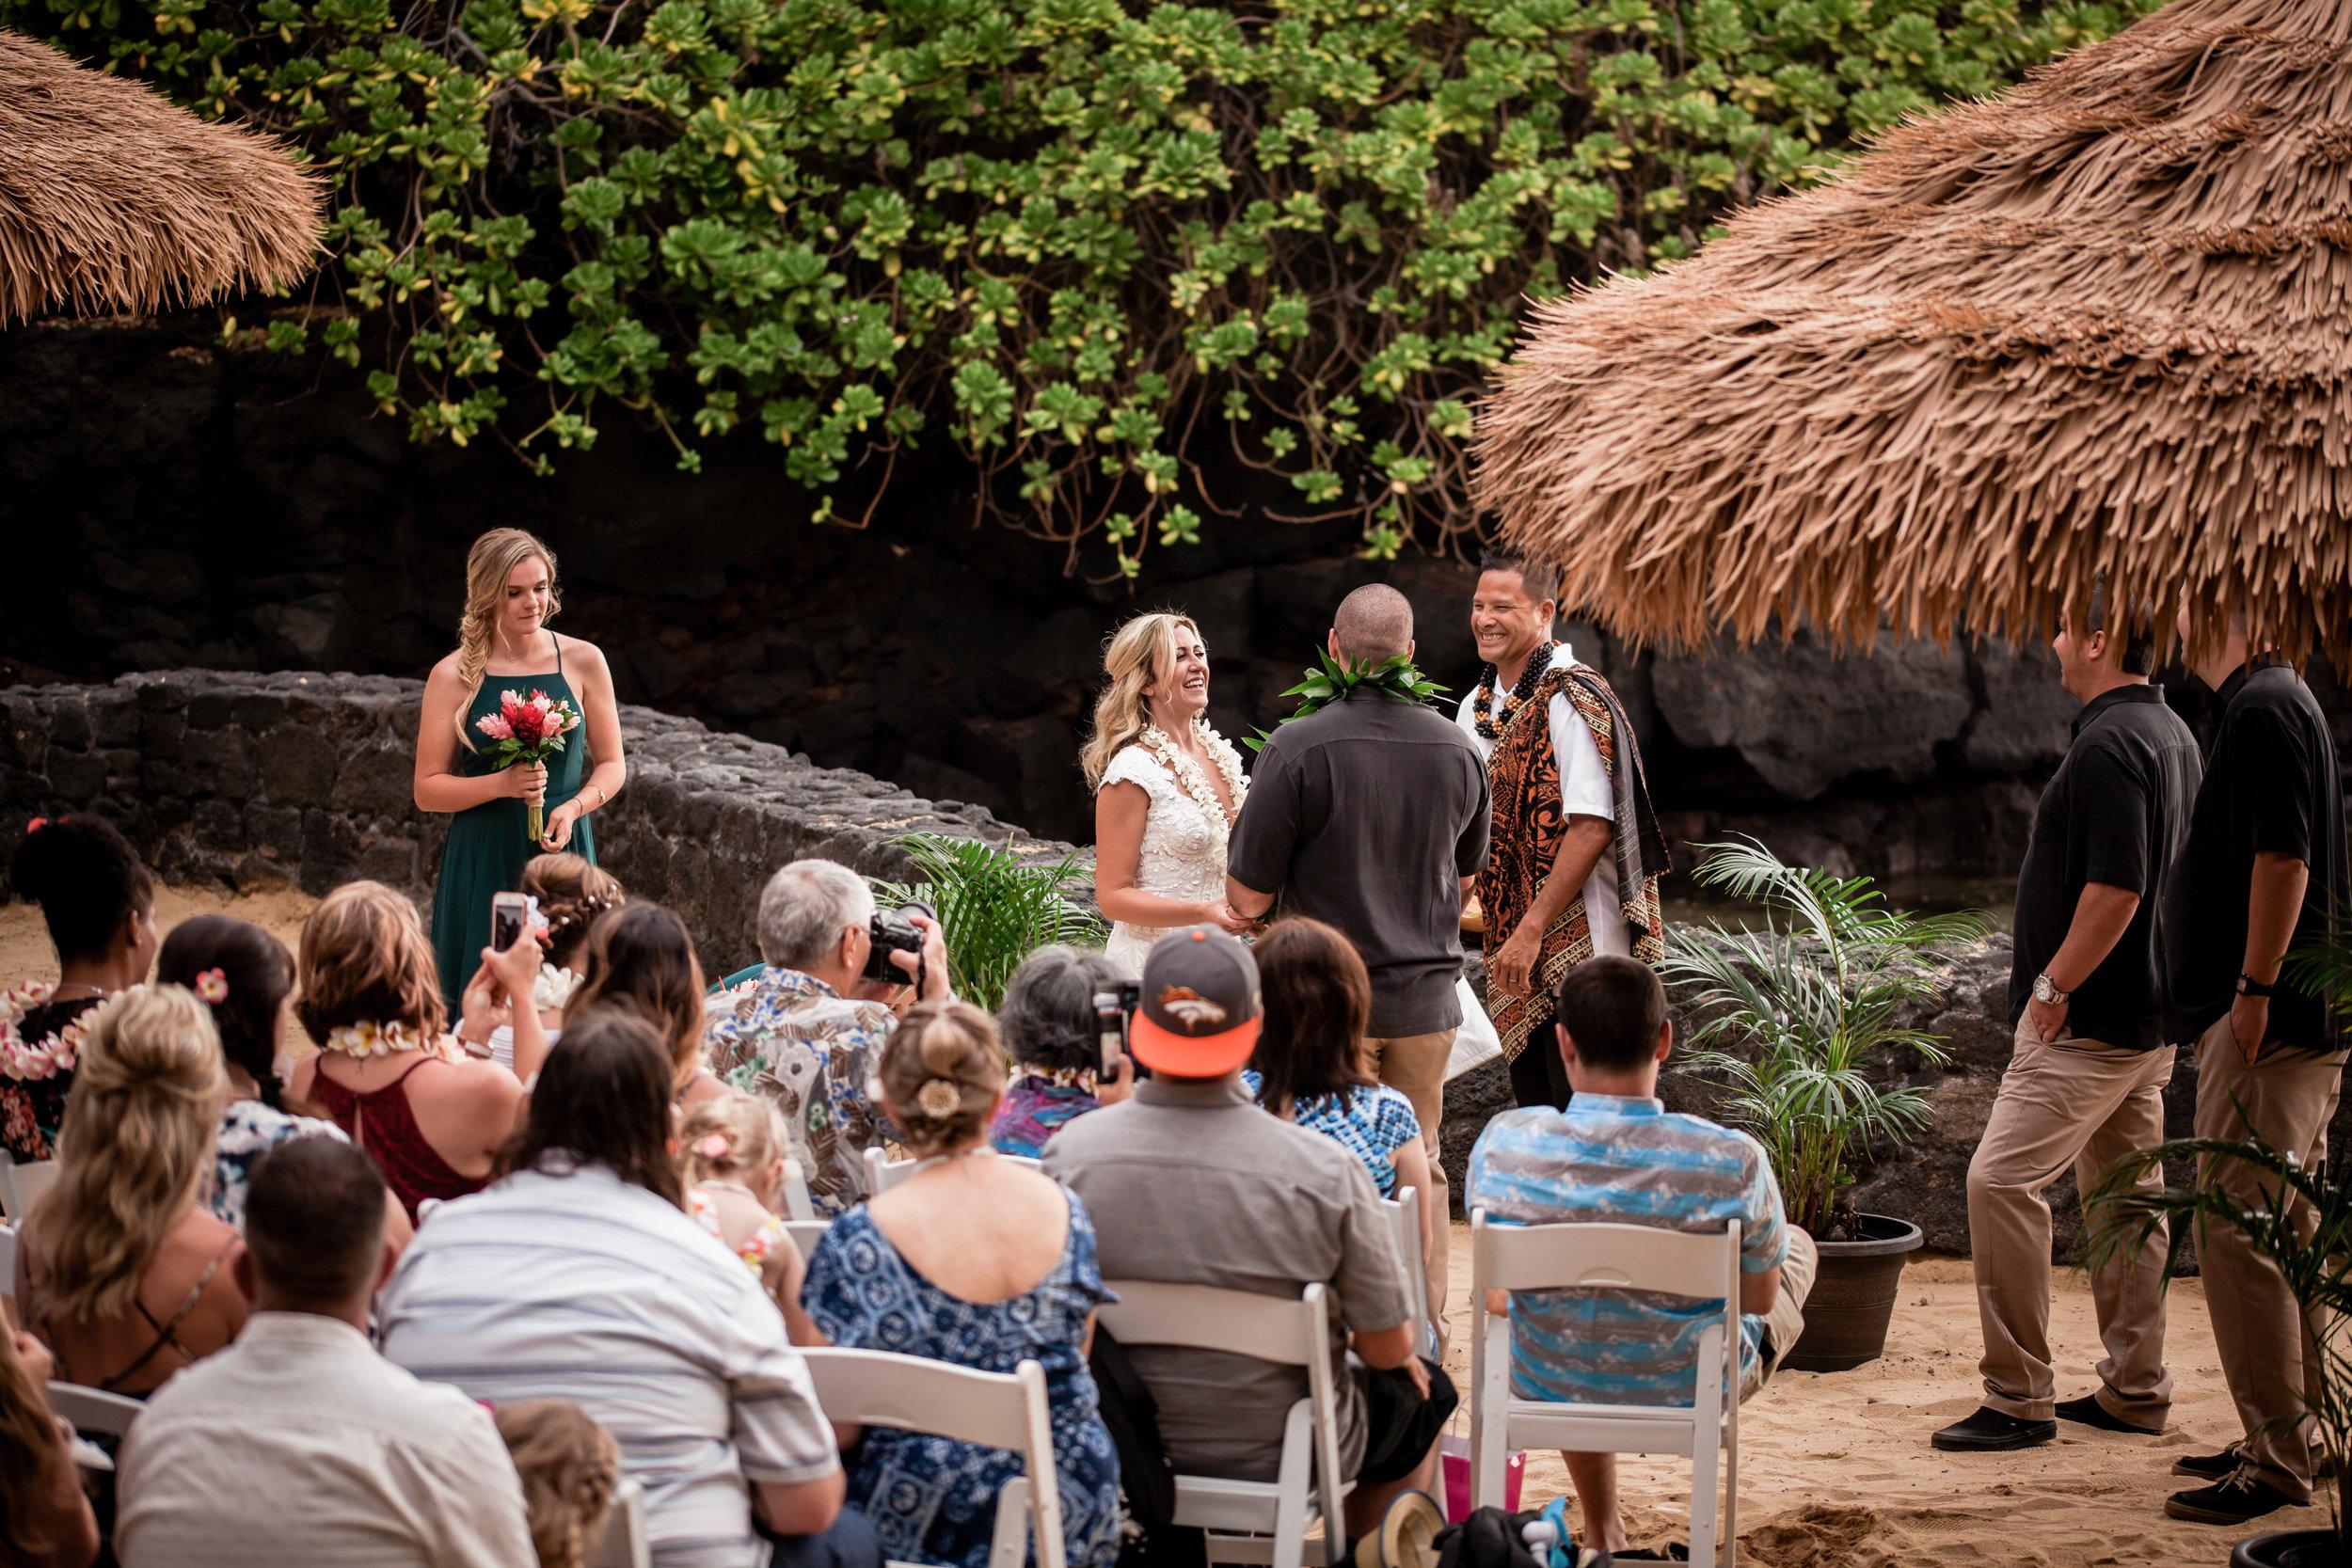 big island hawaii royal kona resort beach wedding © kelilina photography 20170520165821.jpg